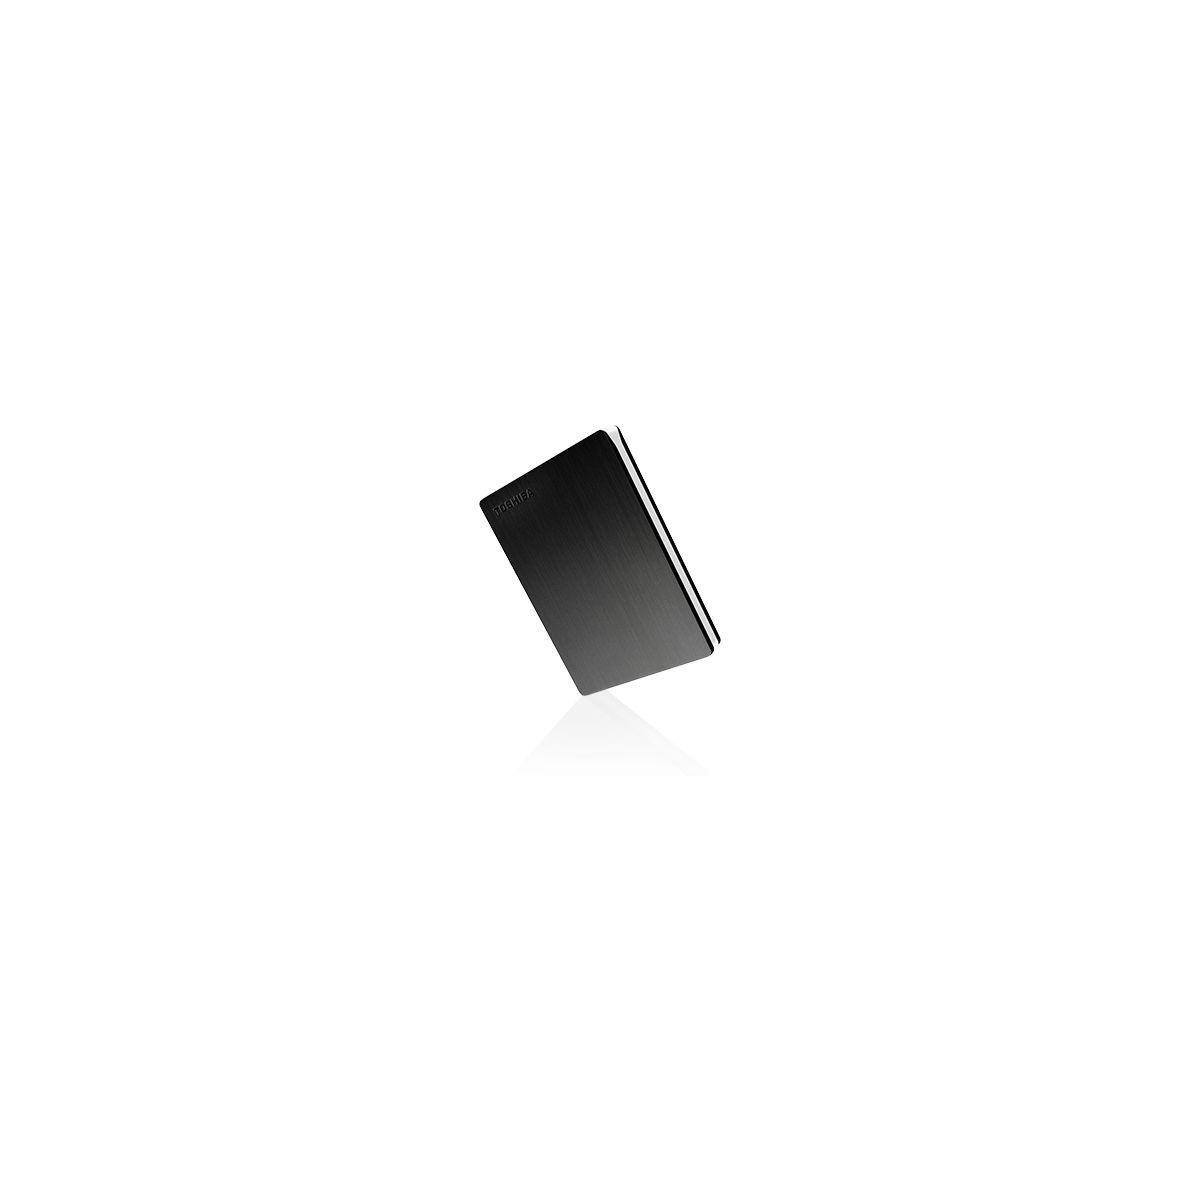 Disque dur externe de poche toshiba 2,5 1to noir store slim - soldes et bonnes affaires à prix imbattables